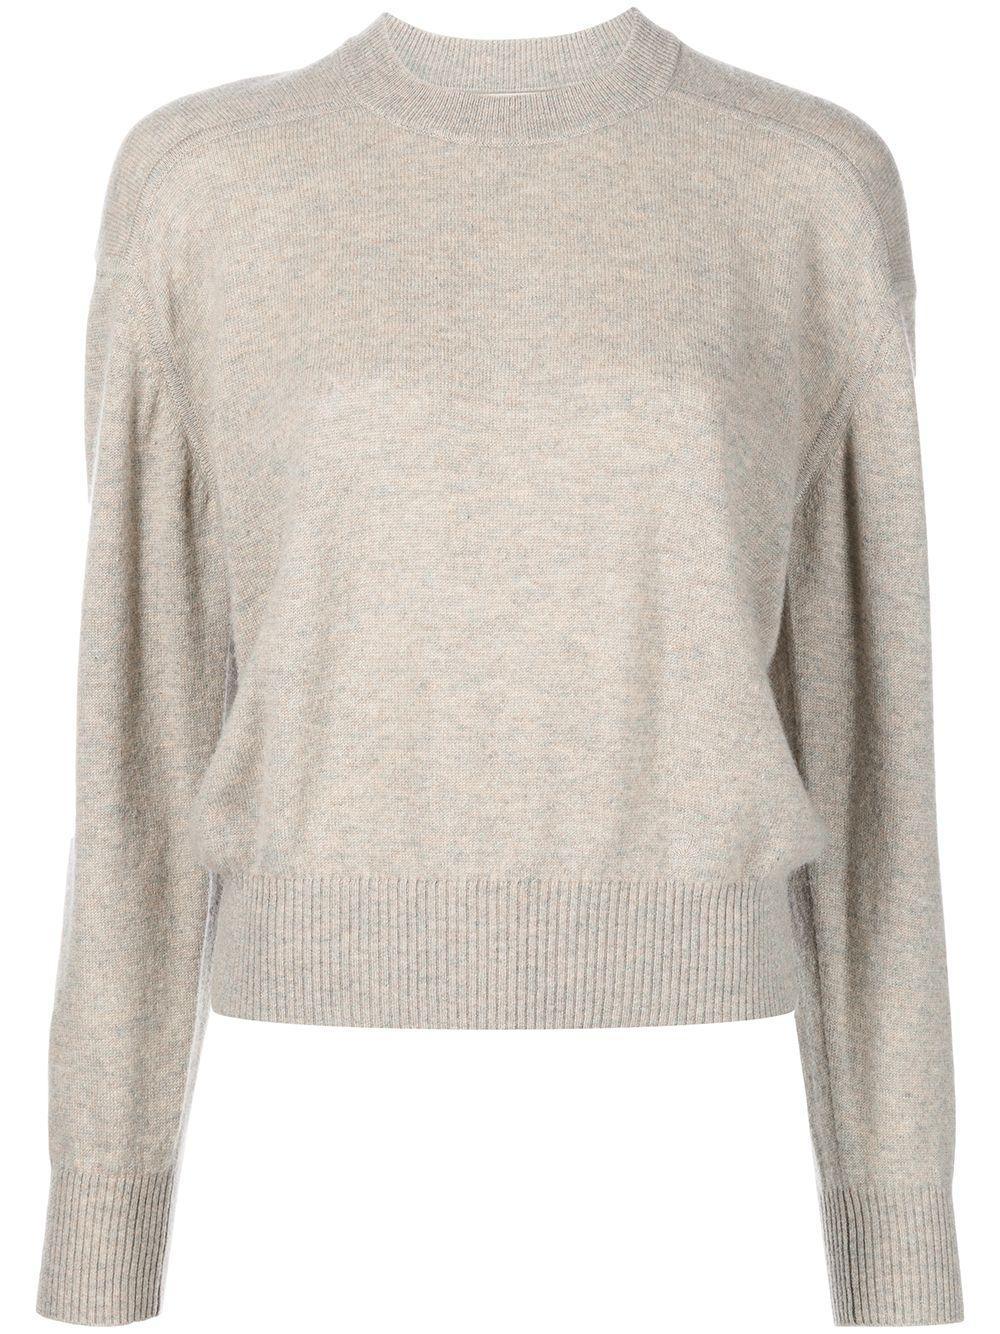 Cashmere Crew Neck Sweater Item # ARUTA